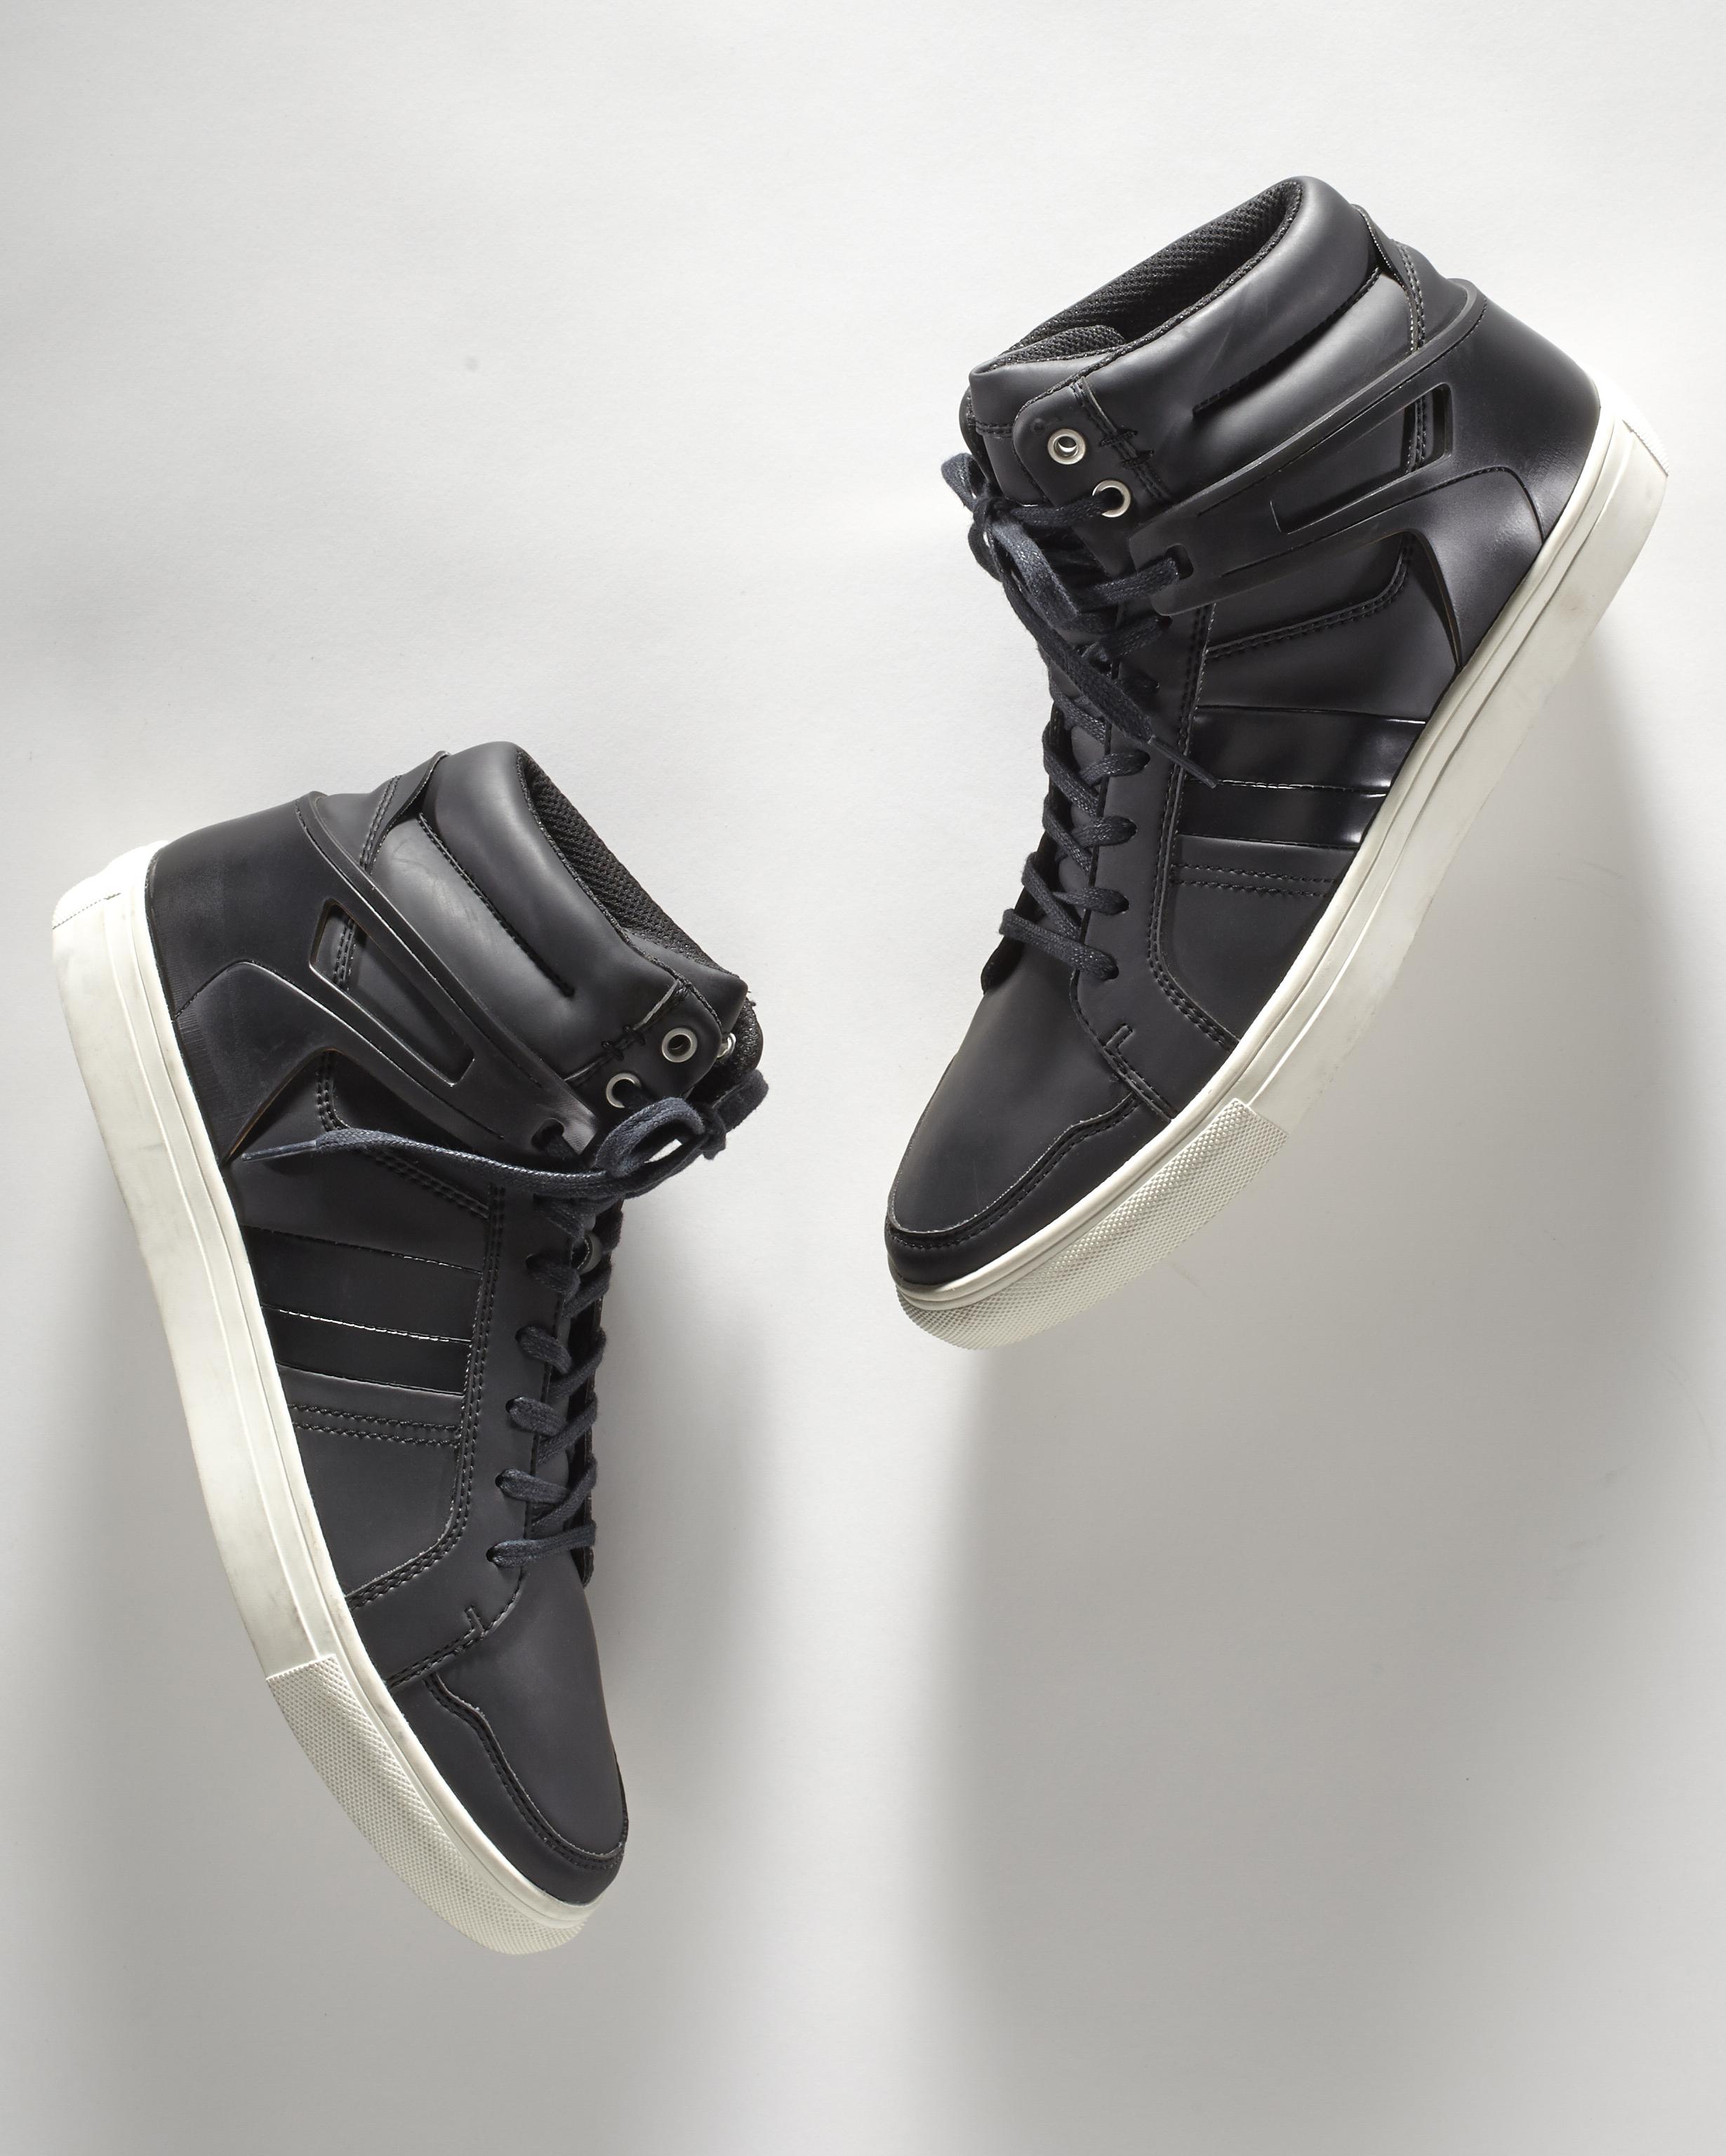 Sneakers-522.jpg